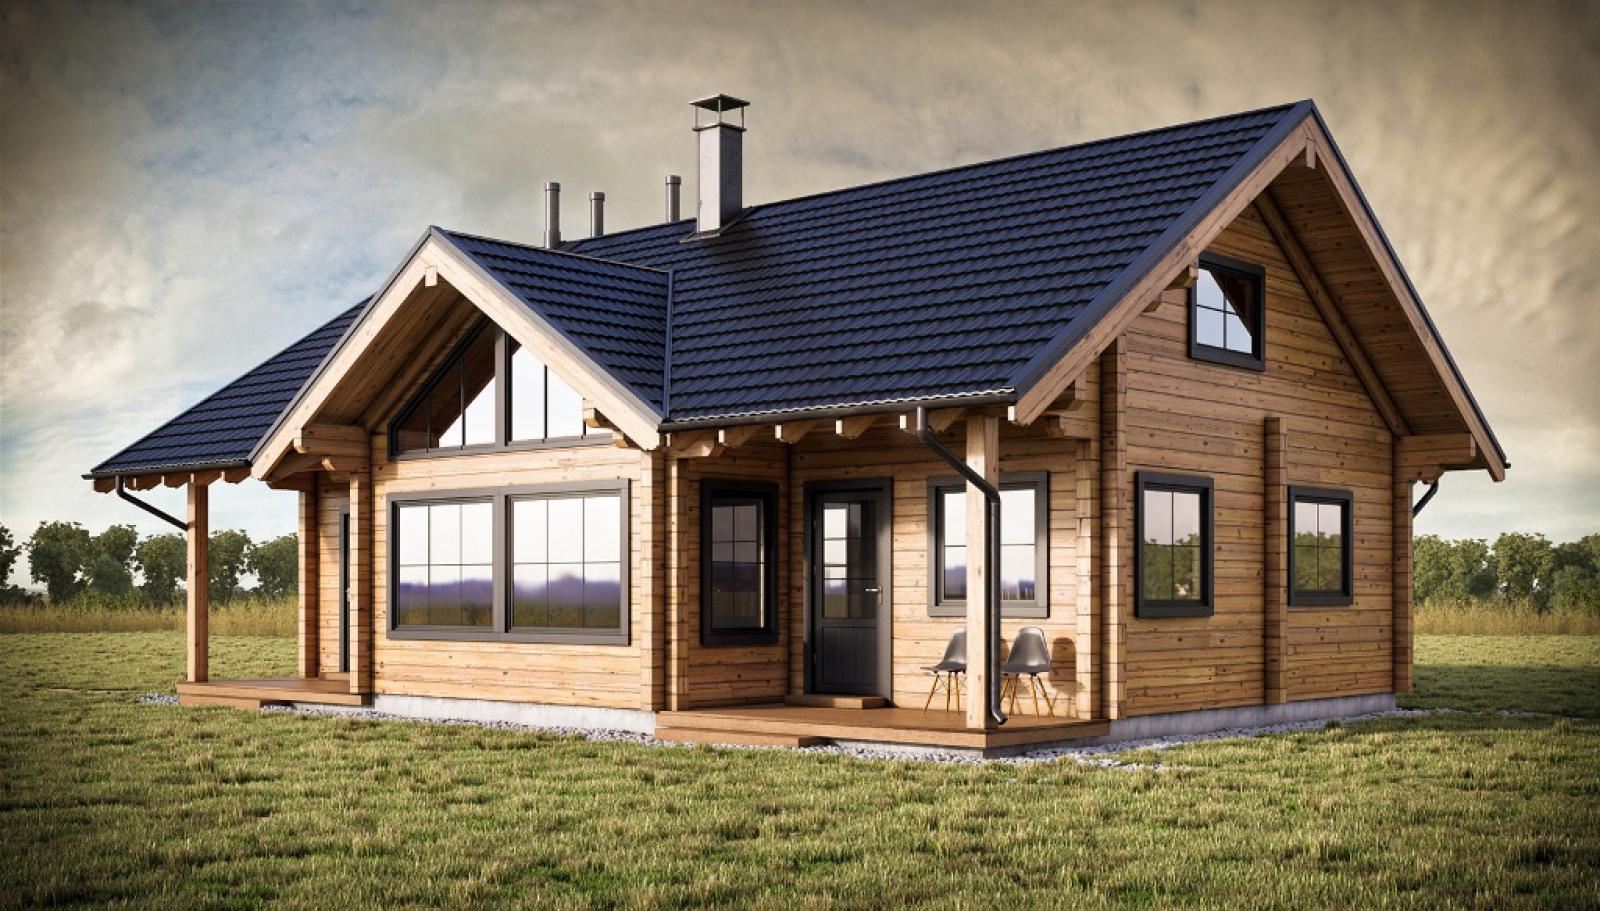 Baltic construction bois un constructeur toulousain eco maison bois for Construction bois 49